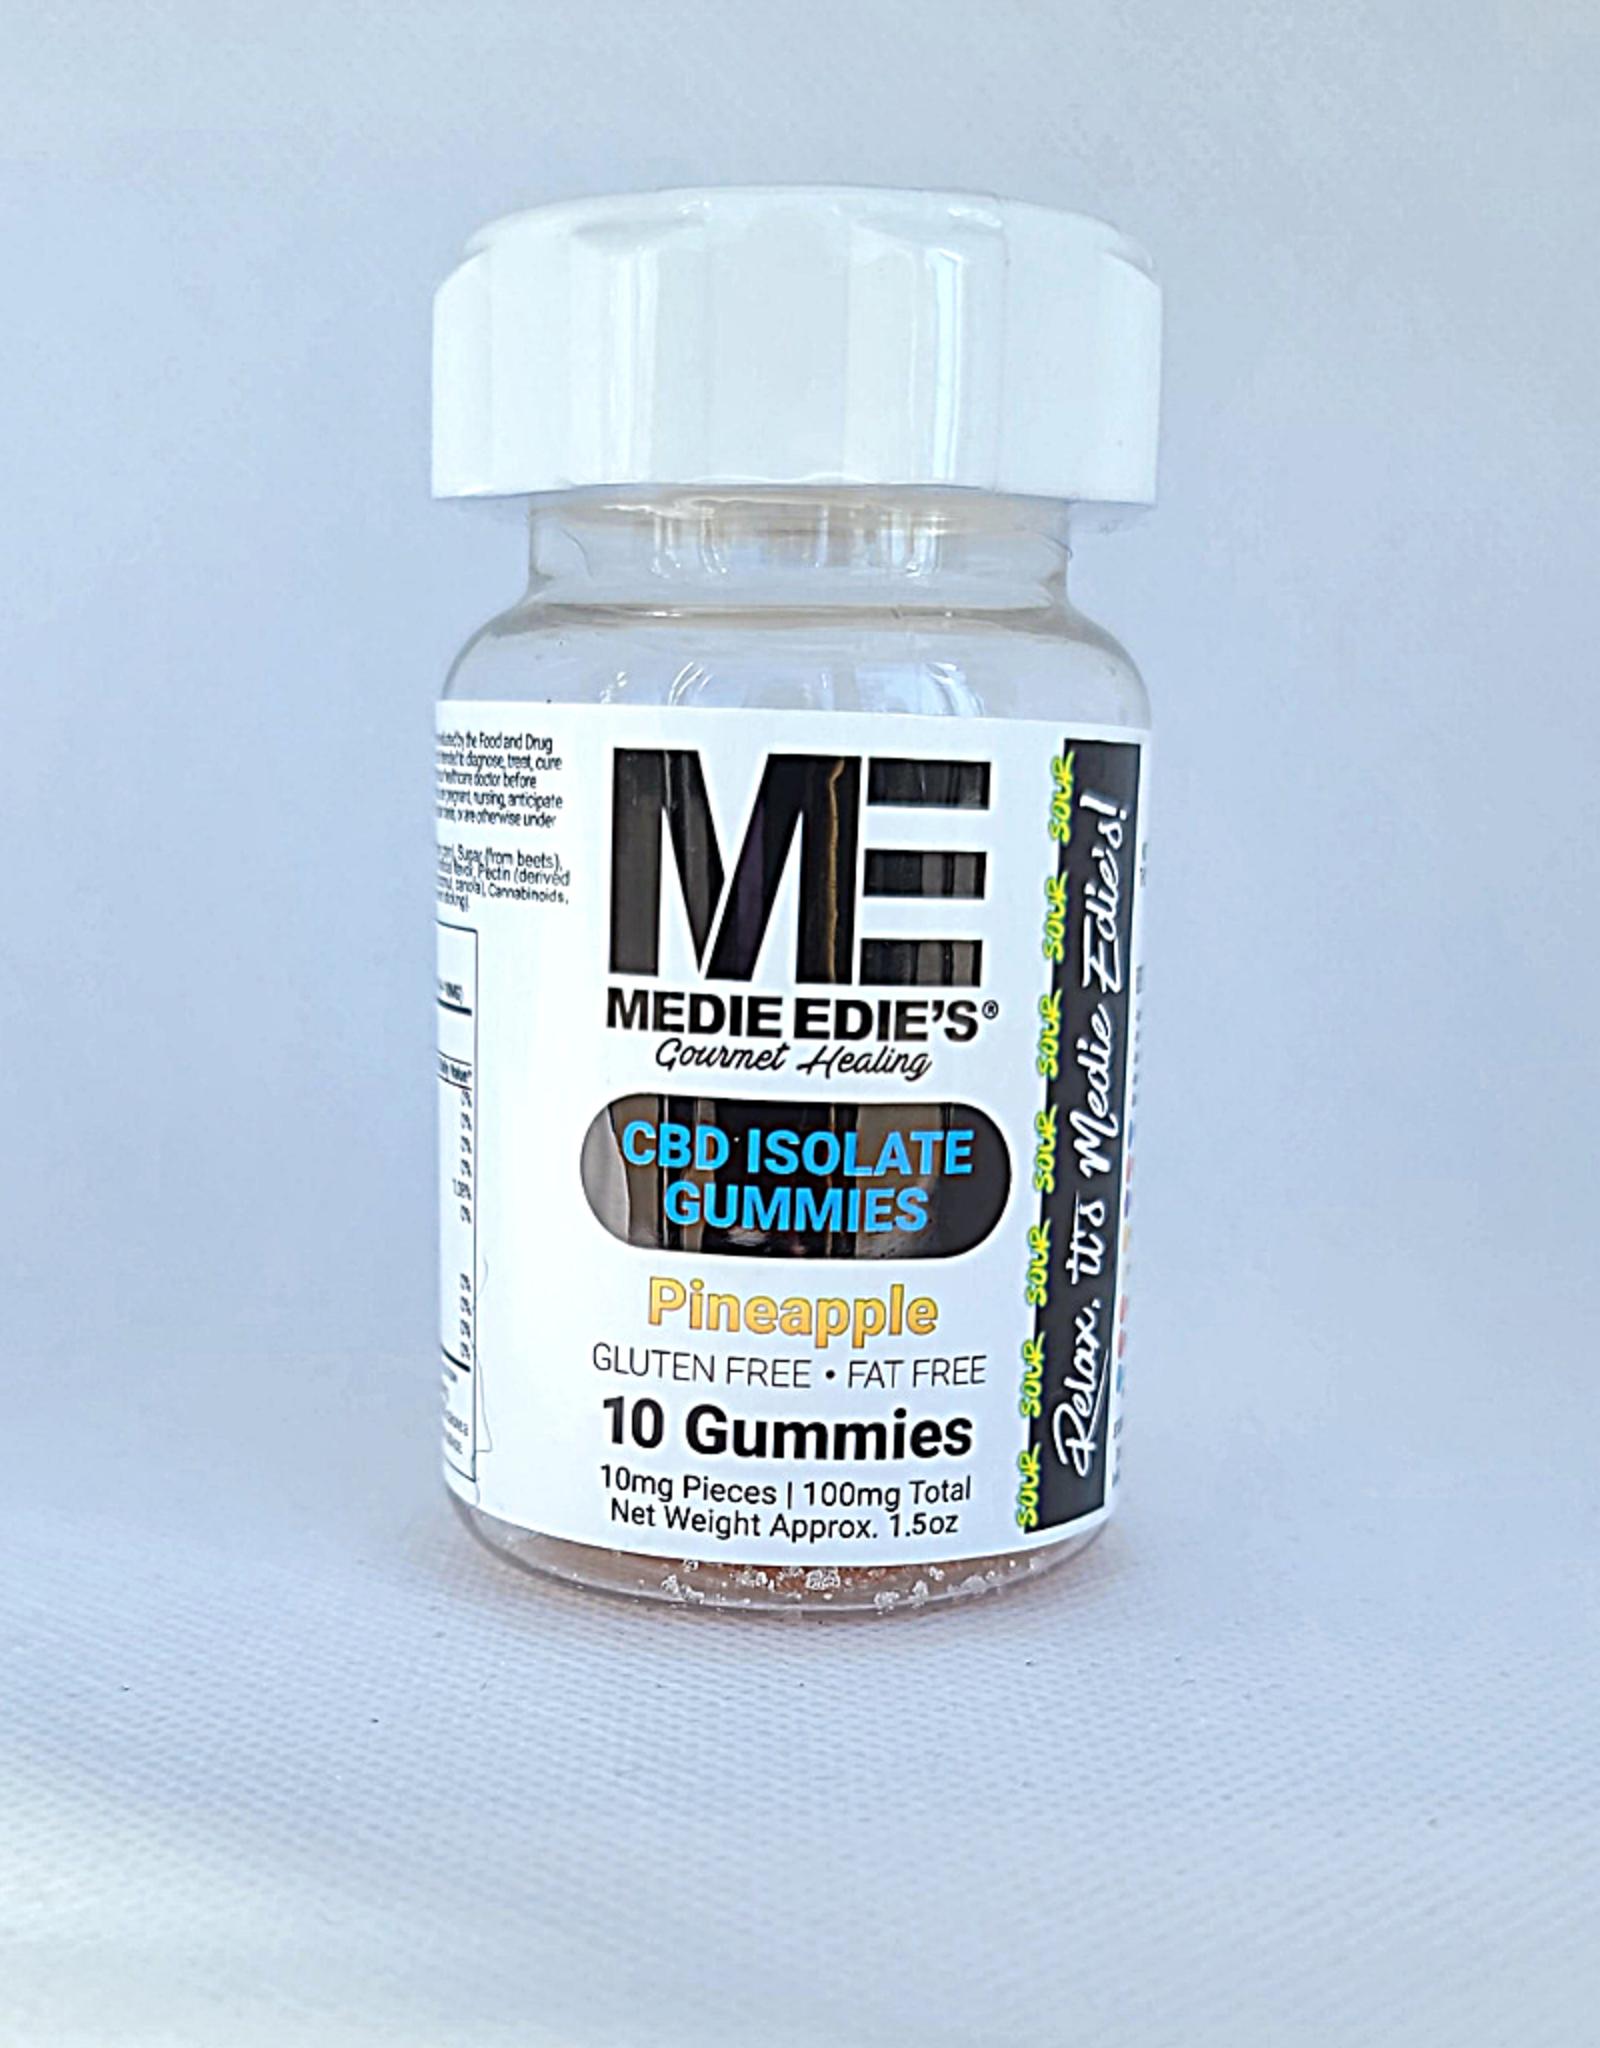 Medie Edie's Sour Pineapple CBD Gummies - 10ct/10mg/100mg